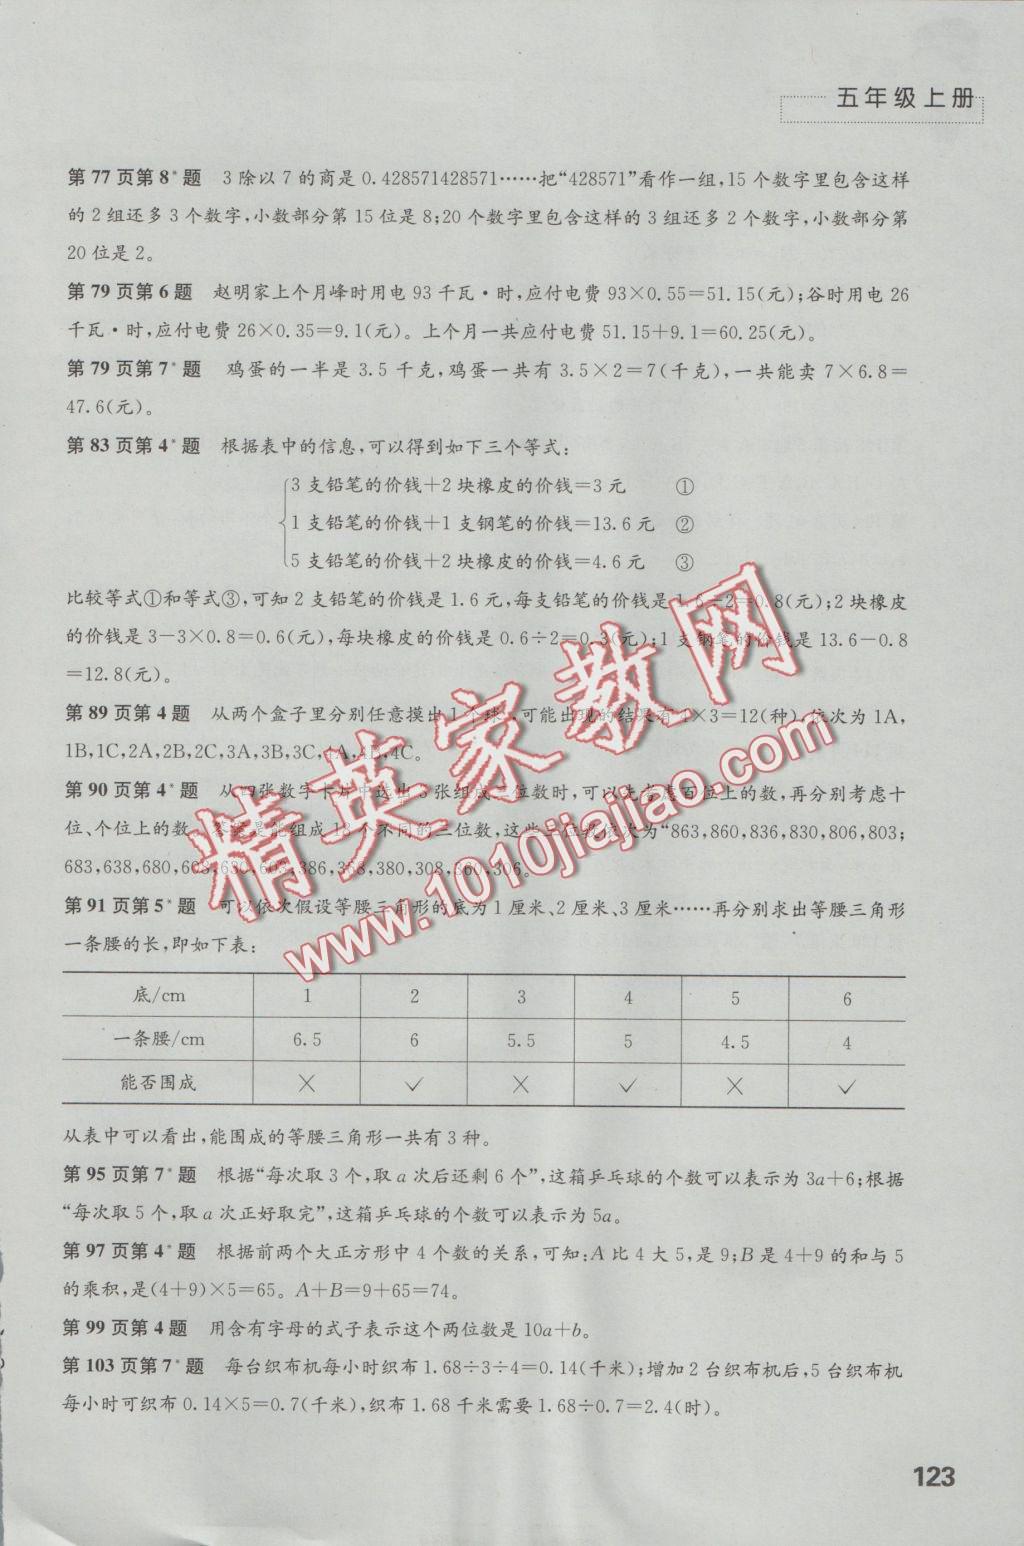 2016年练习与测试小学数学五年级上册苏教版参考答案第3页